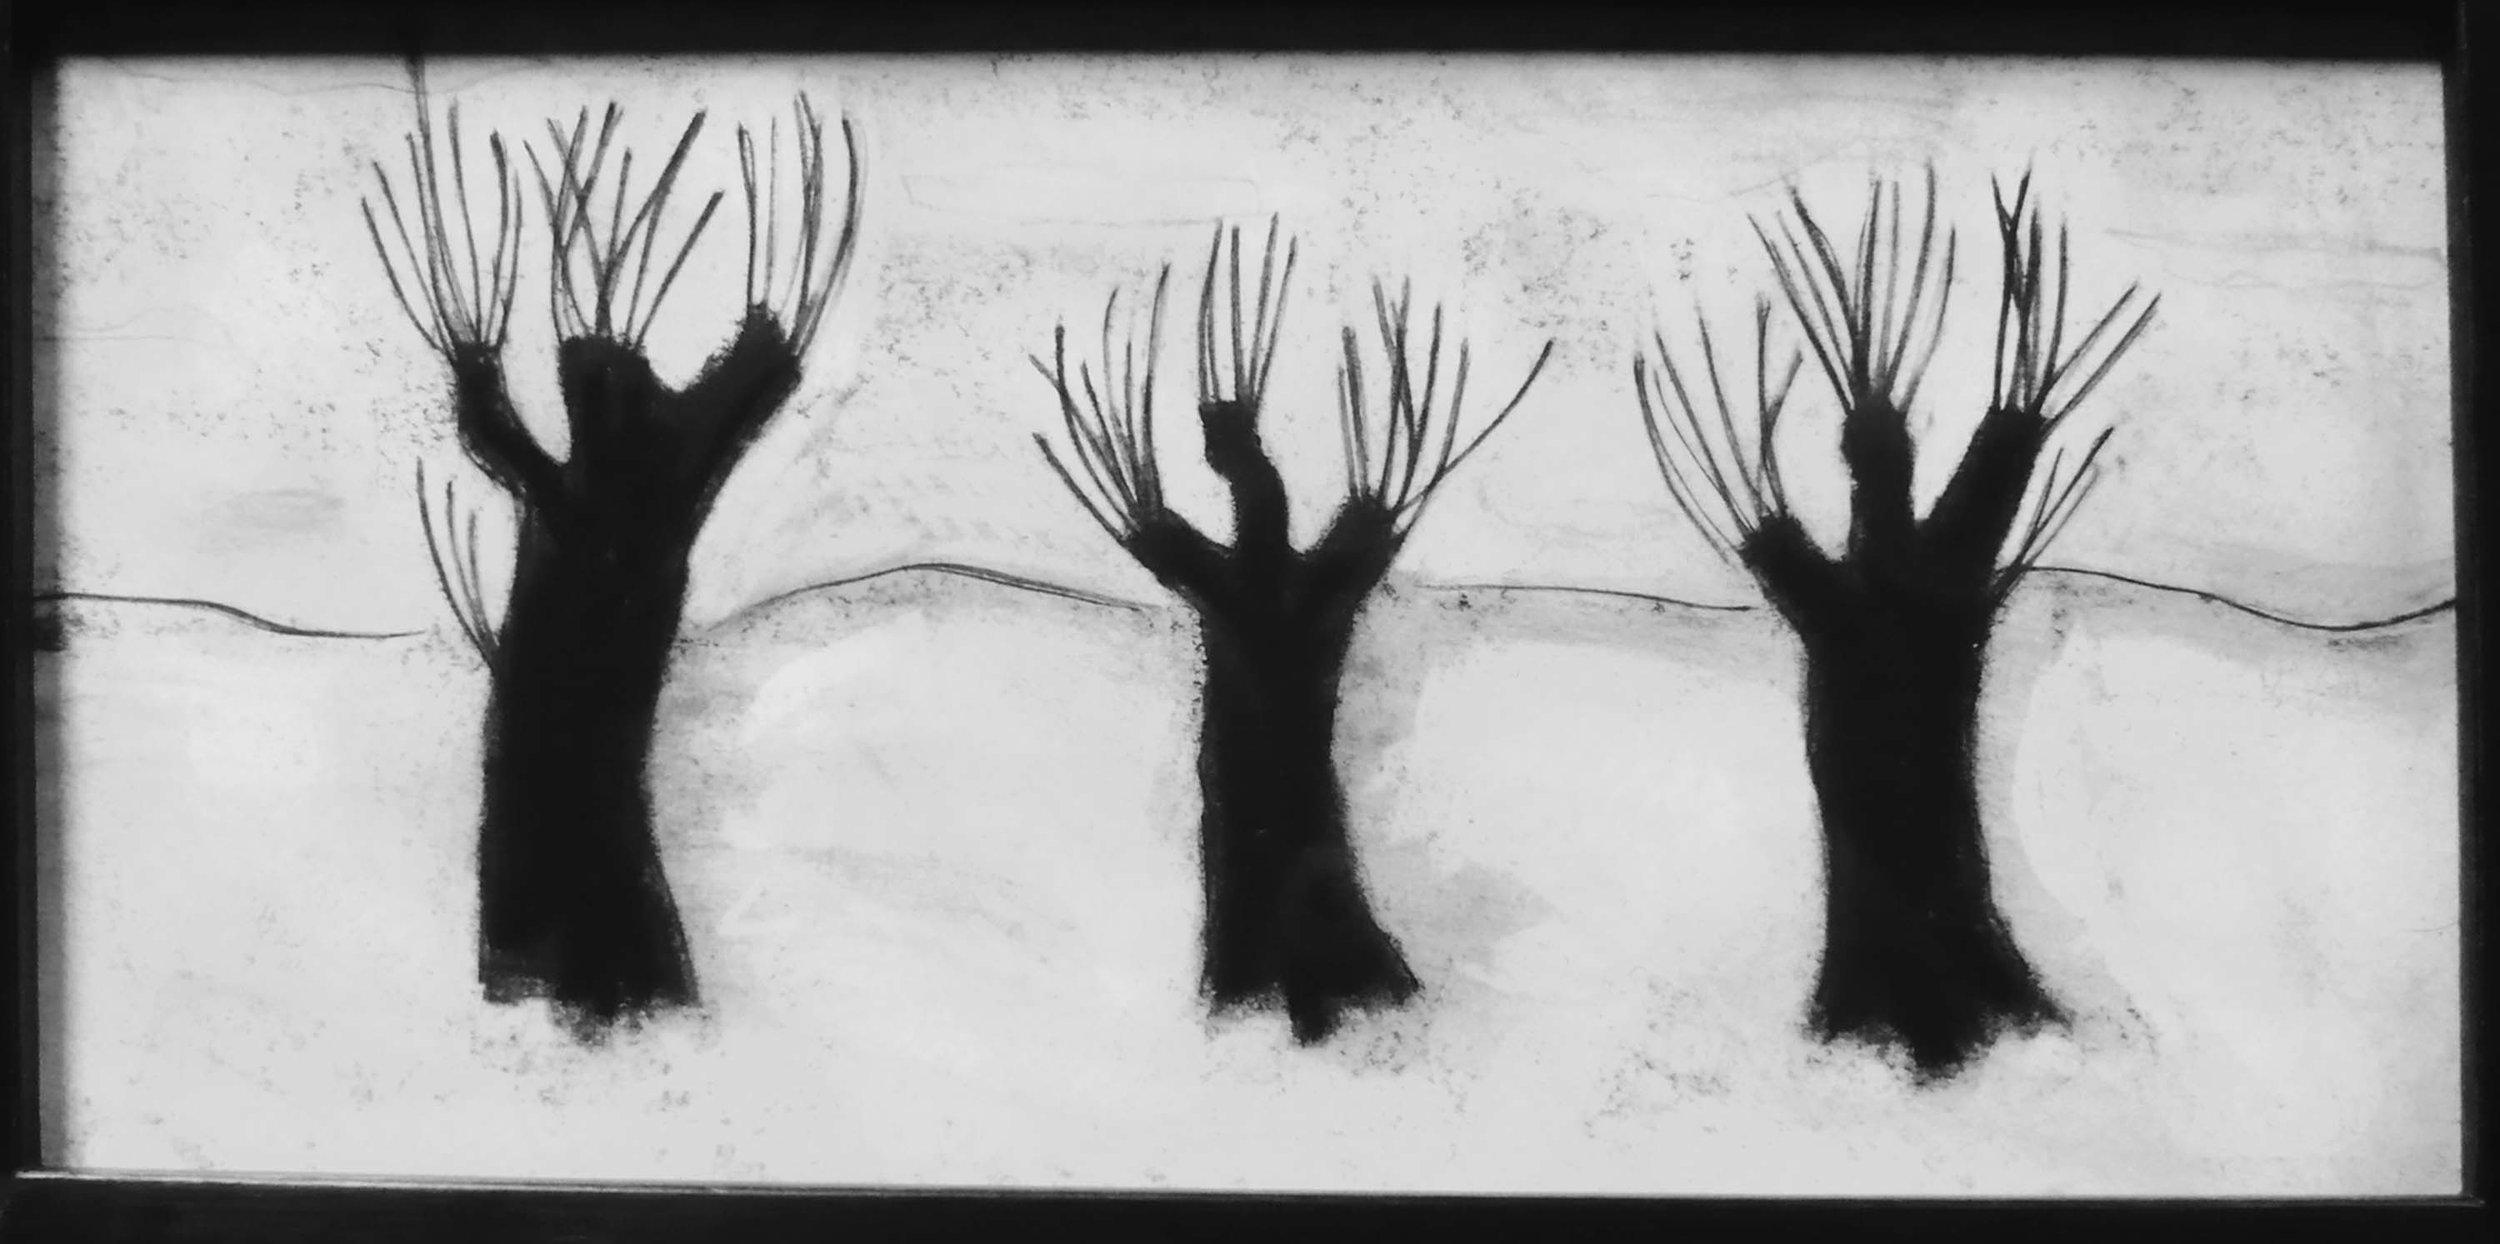 Trois troncs d'arbre ,circa 2008, fusain sur papier / Charcoal on paper